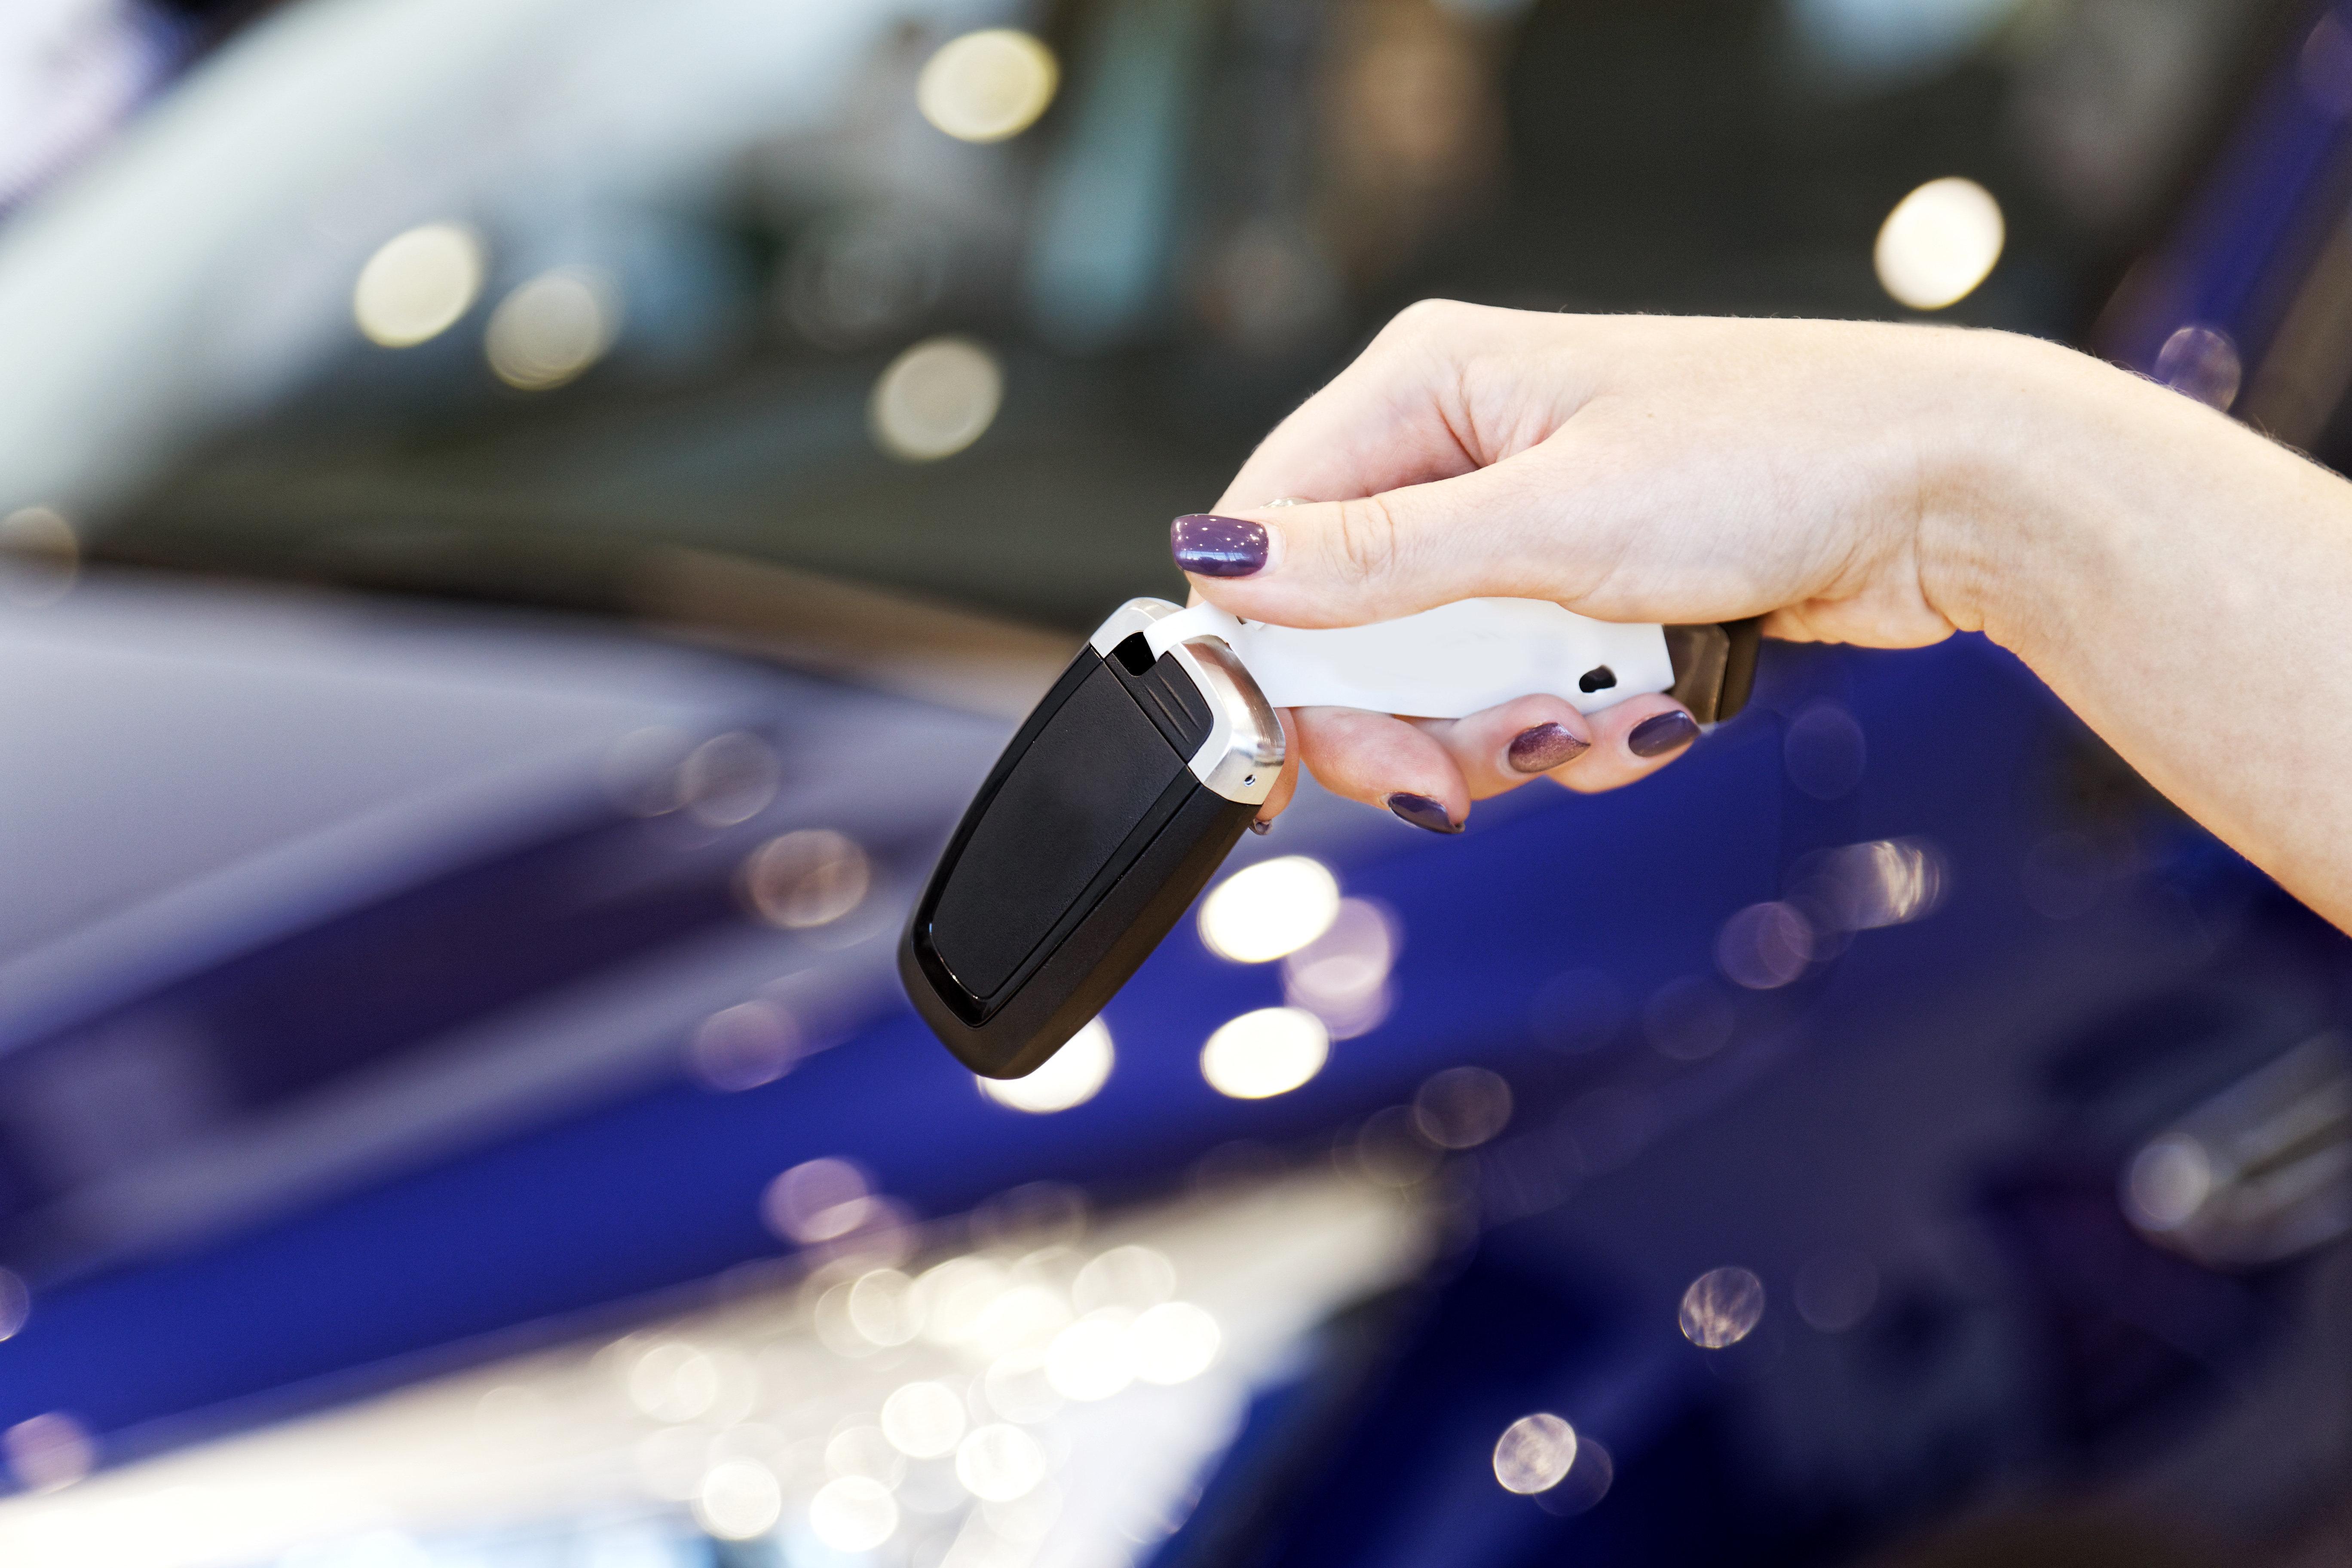 Ραγδαία αύξηση των κλοπών αυτοκινήτων με αυτόματο